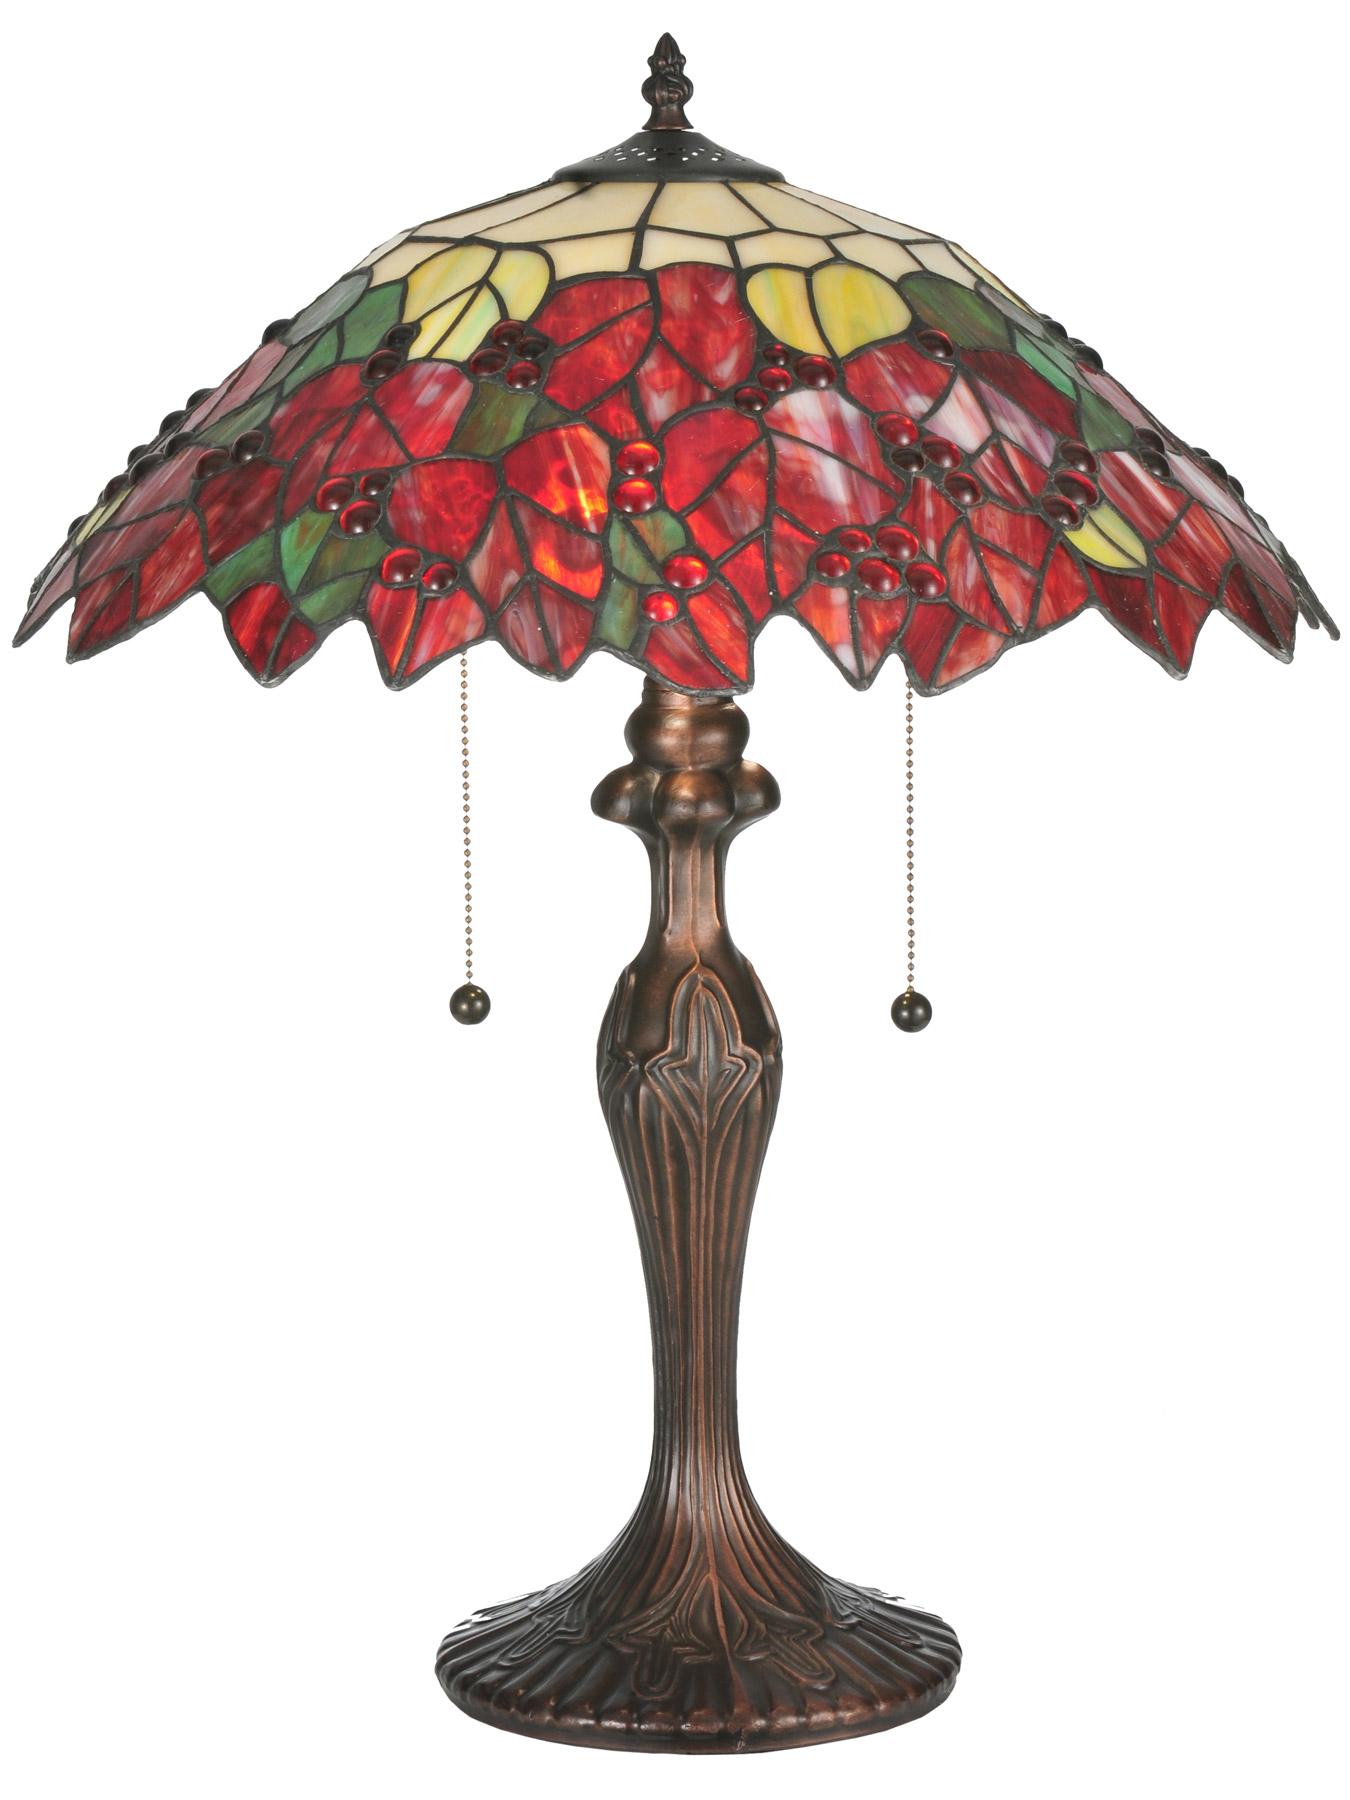 Meyda 112628 Tiffany Poinsettia Table Lamp